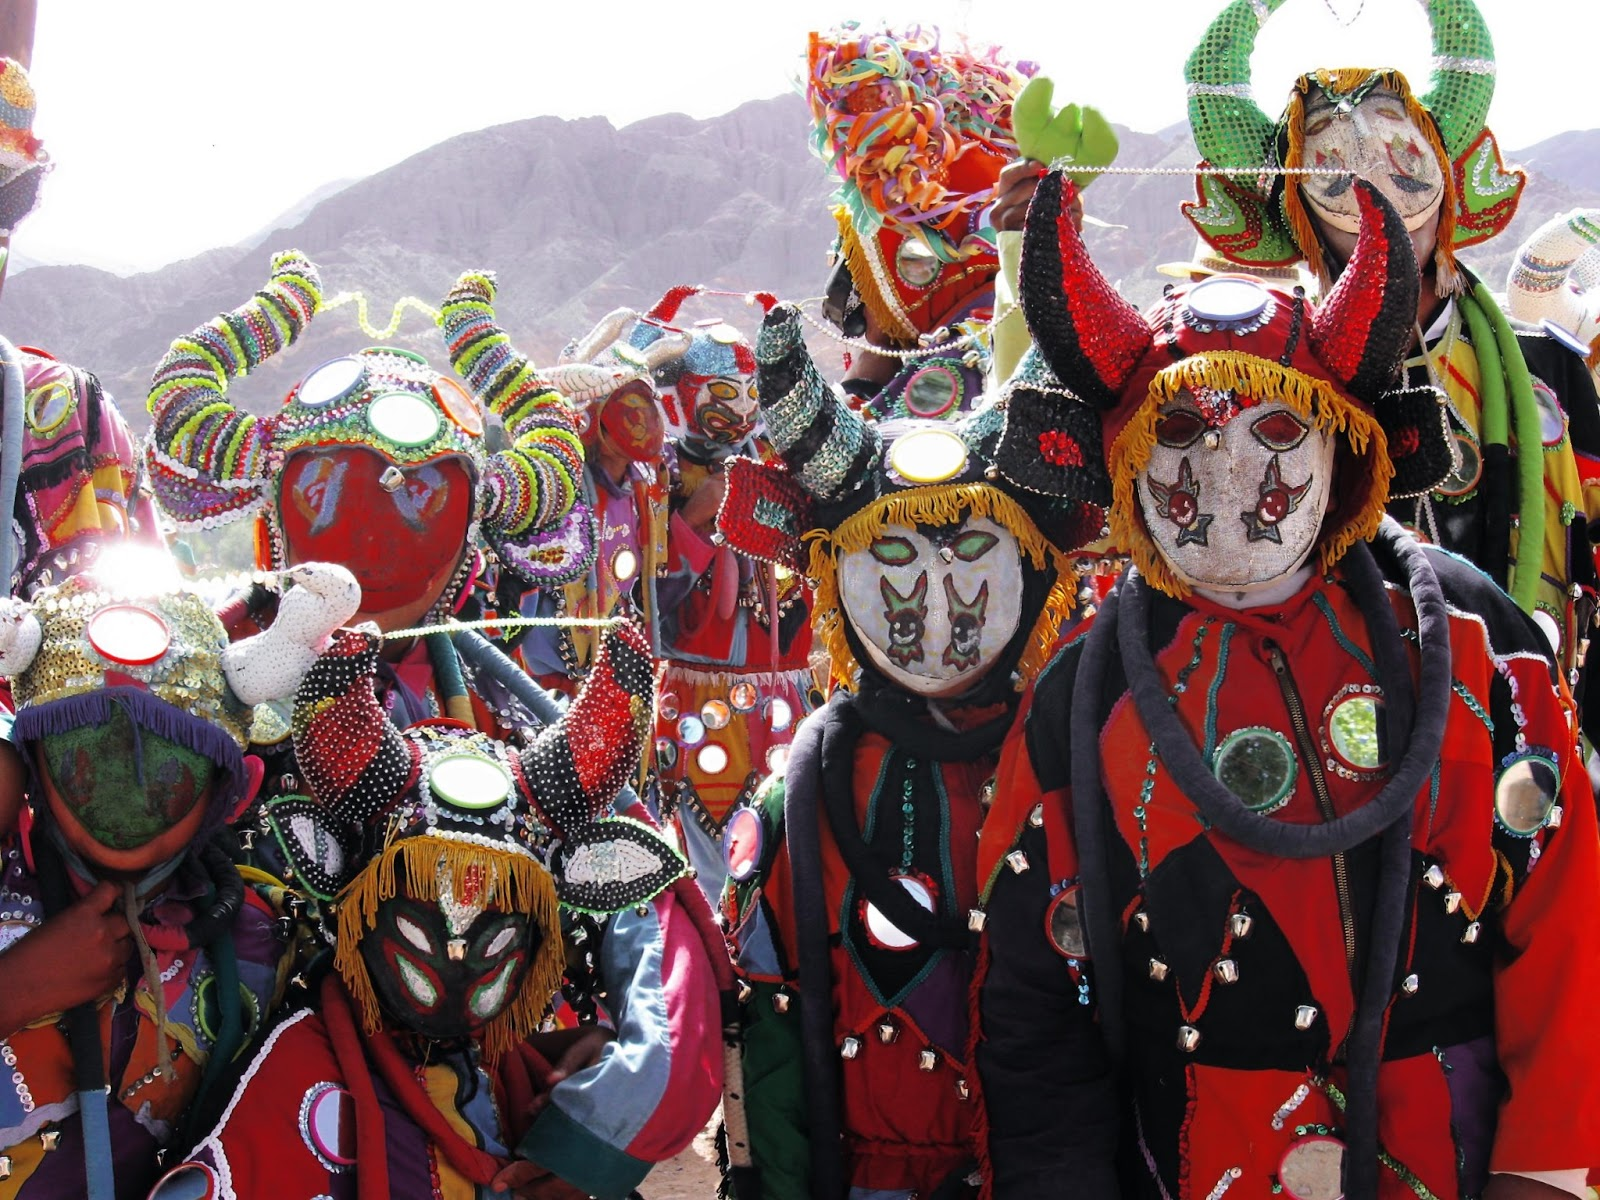 El Carnaval de Tilcara (Quebrada de Humahuaca, Jujuy) es uno de los